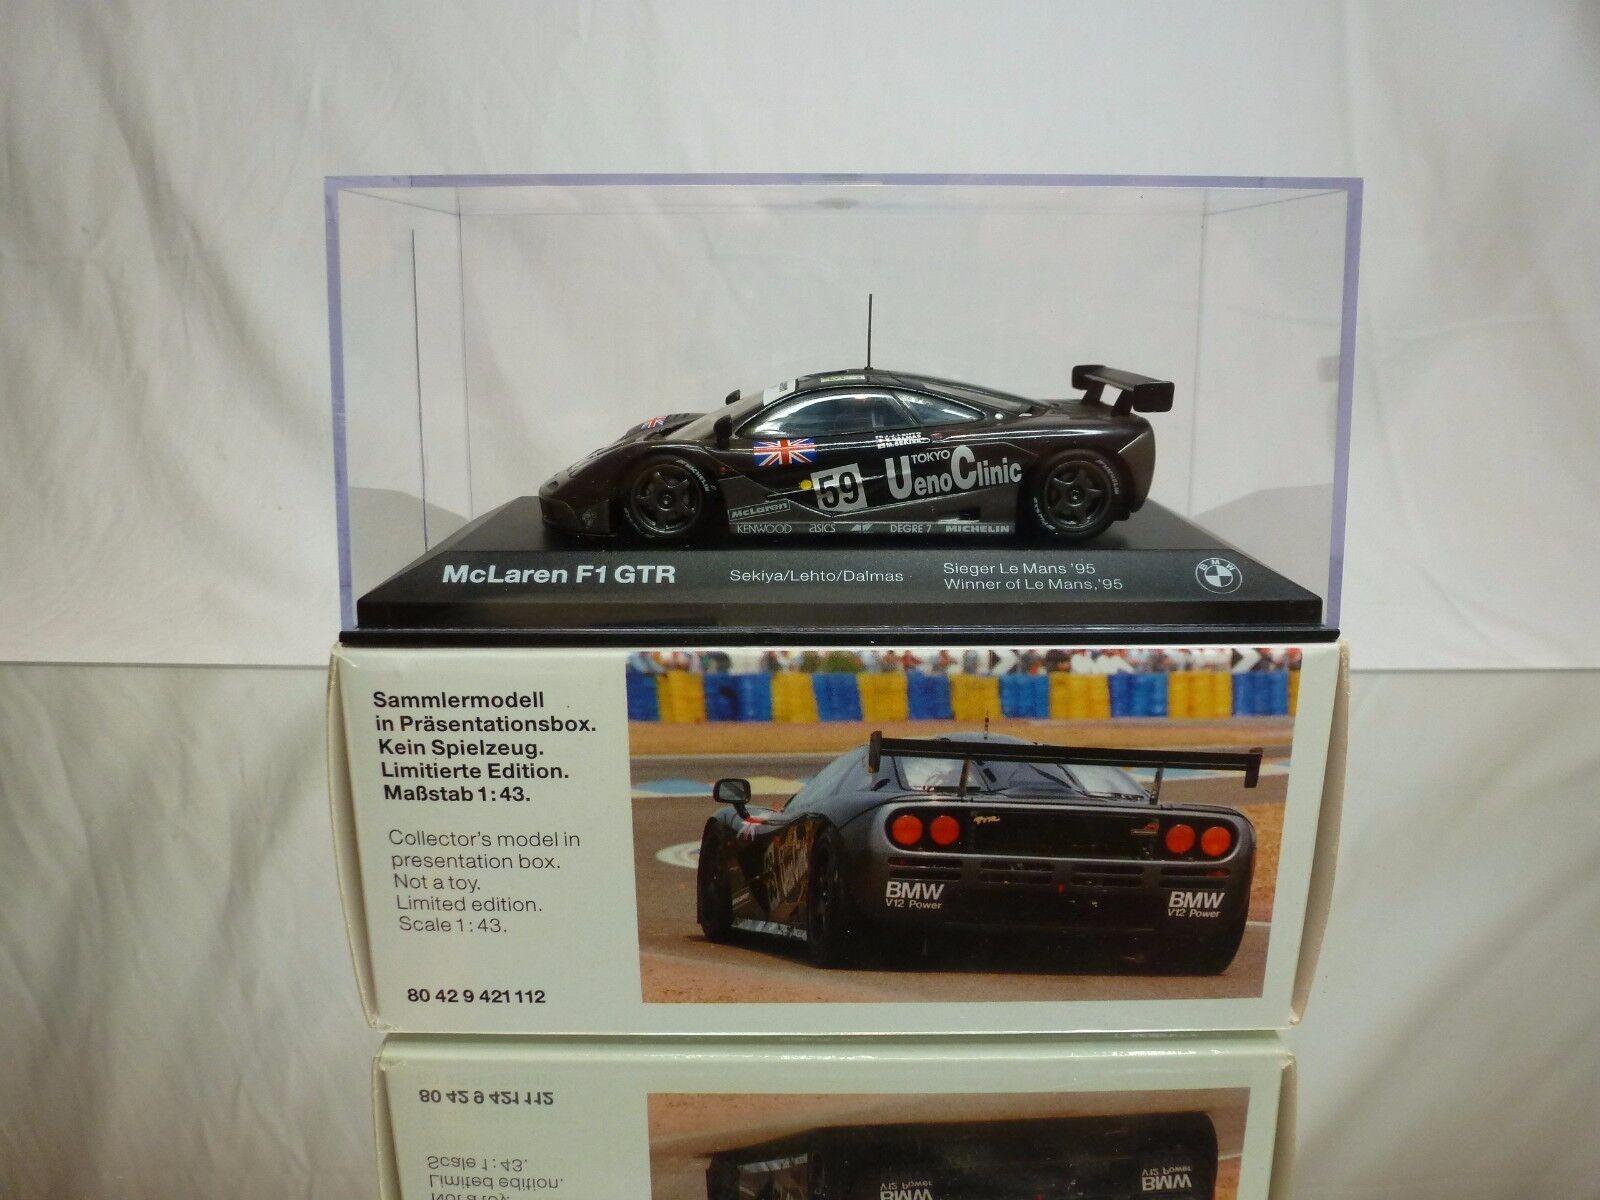 MINICHAMPS McLAREN F1 GTR - BMW POWErouge - 1st LE MANS 1995 1 43 - IN DEALER BOX